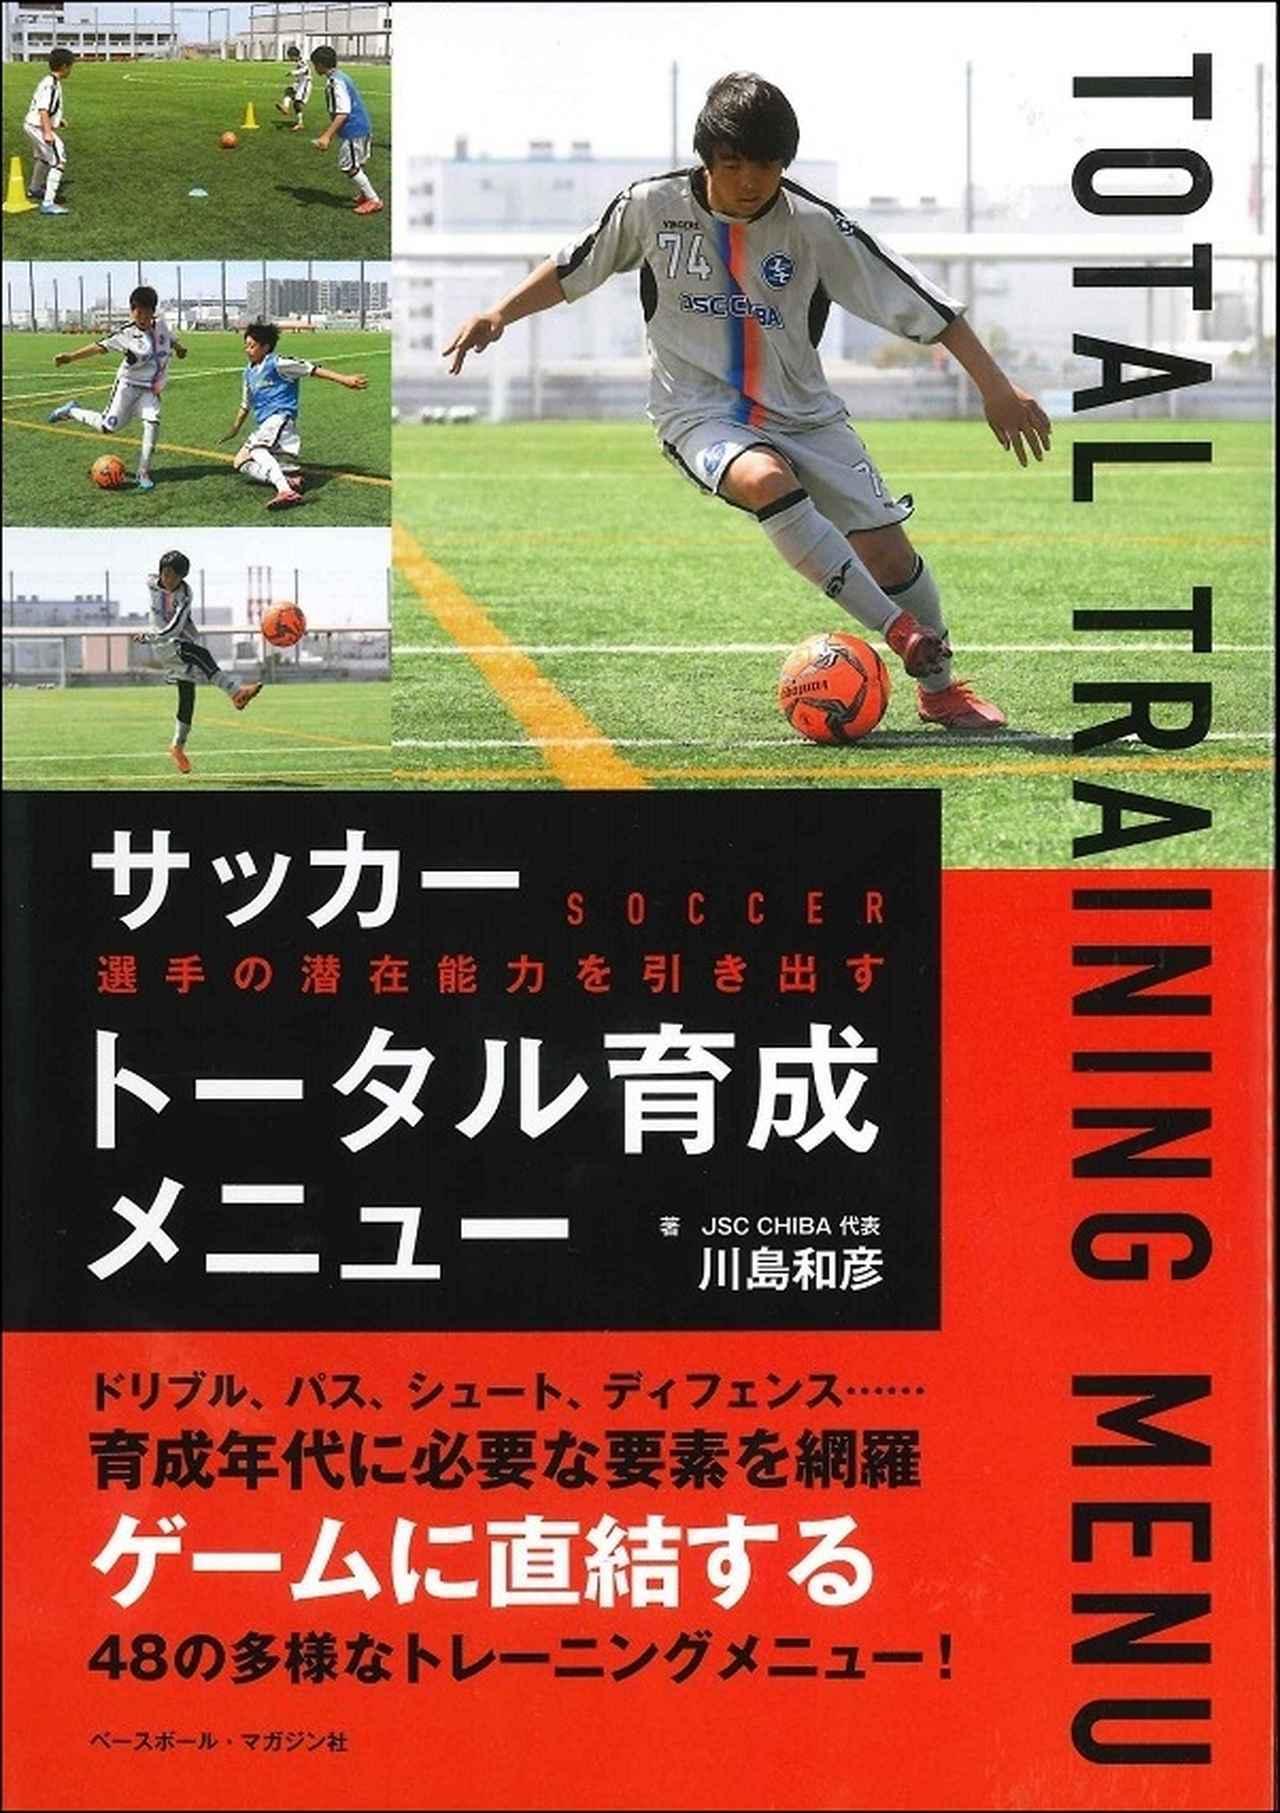 画像: サッカー 選手の潜在能力を引き出すトータル育成メニュー  川島和彦/著(JSC CHIBA代表) - ベースボール・マガジン社WEB